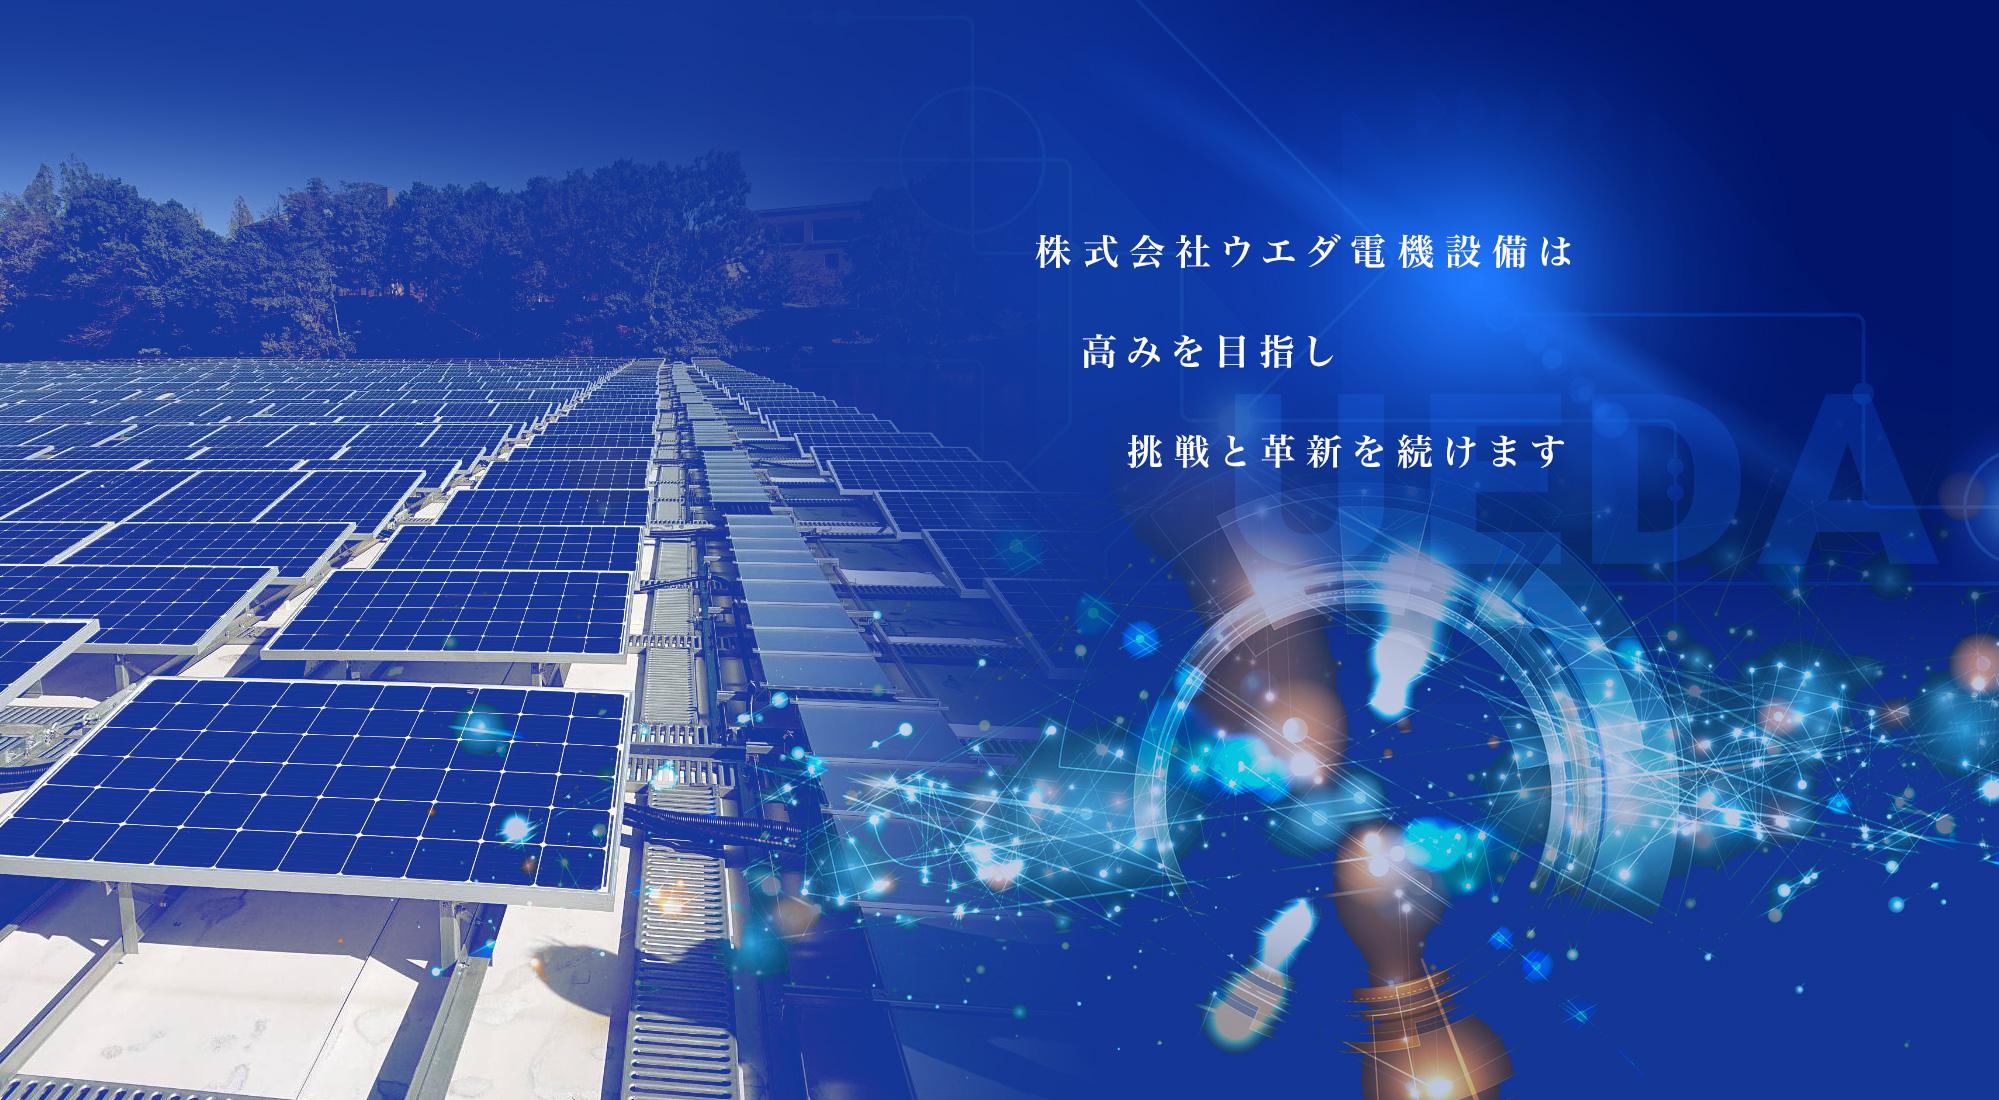 株式会社ウエダ電機設備は高みを目指し挑戦と革新を続けます